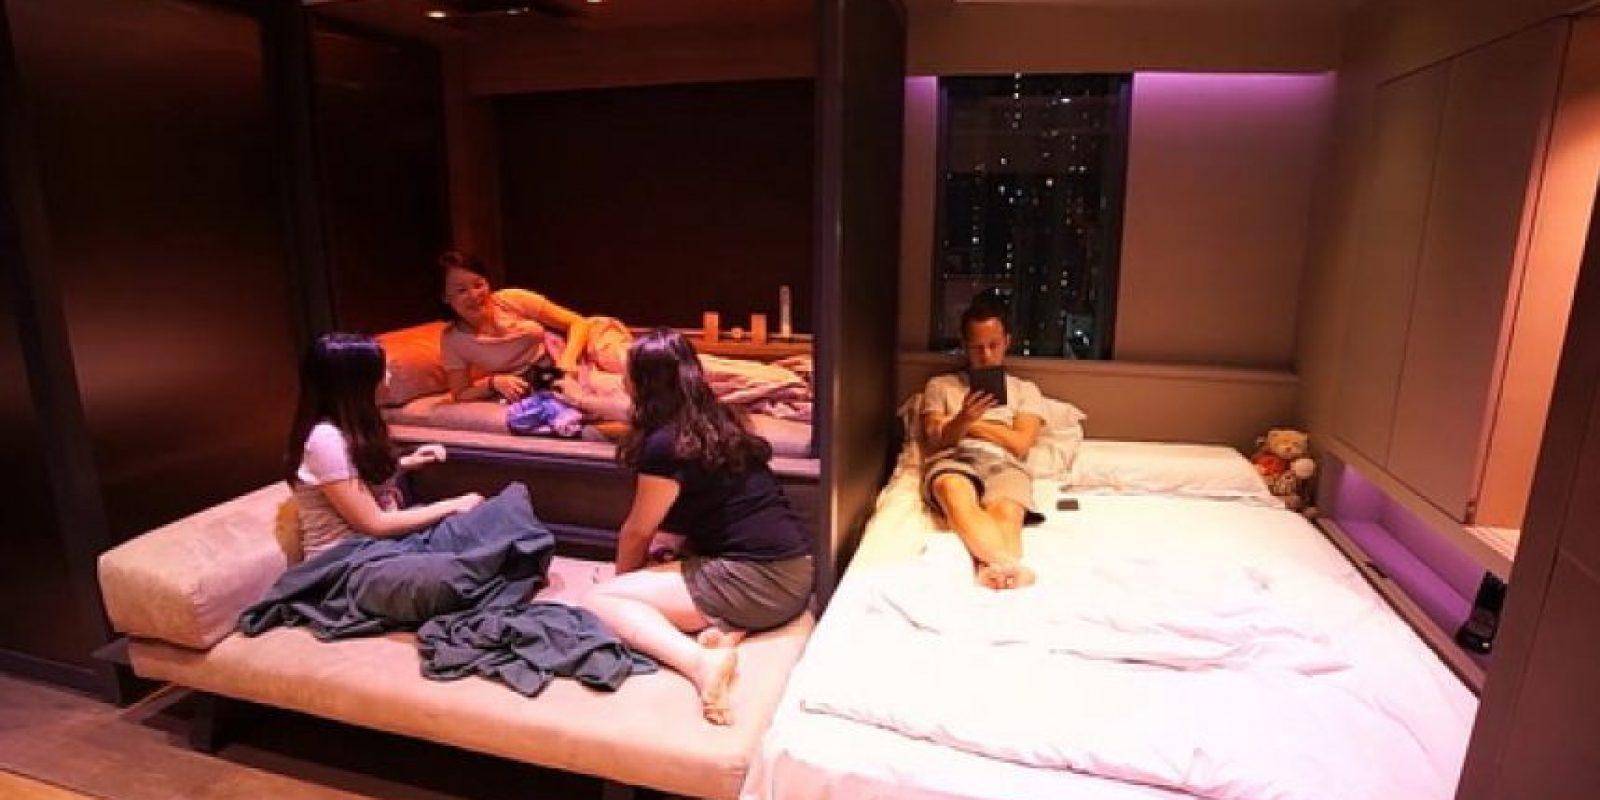 El área de baño y sala se puede adaptar para recibir a unos cuantos invitados. Foto:LAAB